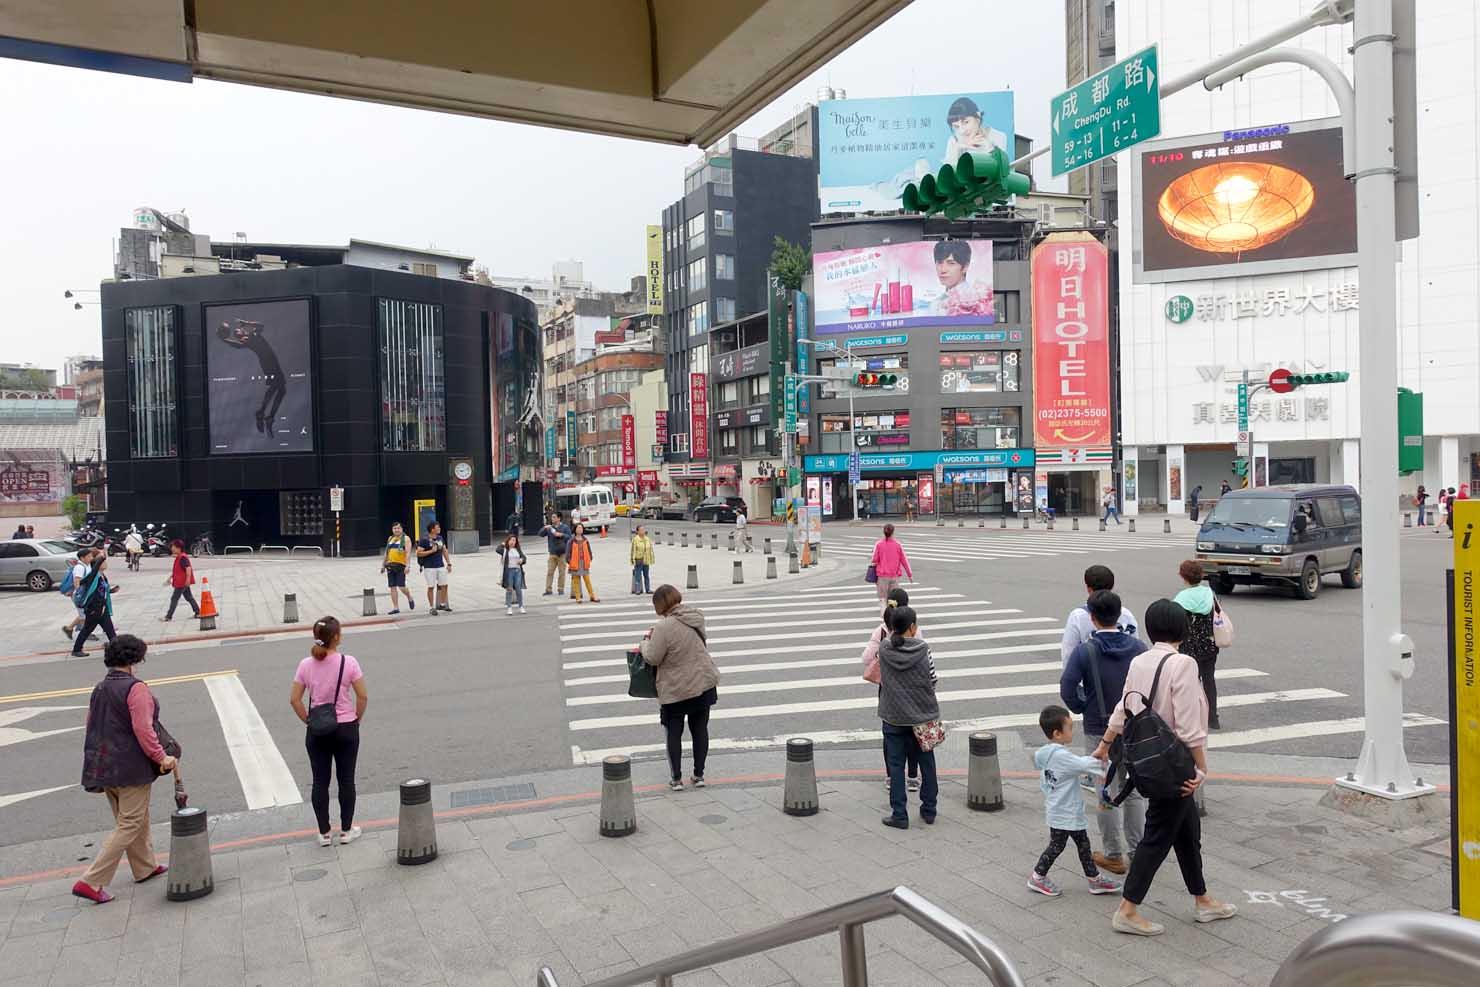 台北MRT(地下鉄)西門駅1番出口前の交差点「成都漢中路口」